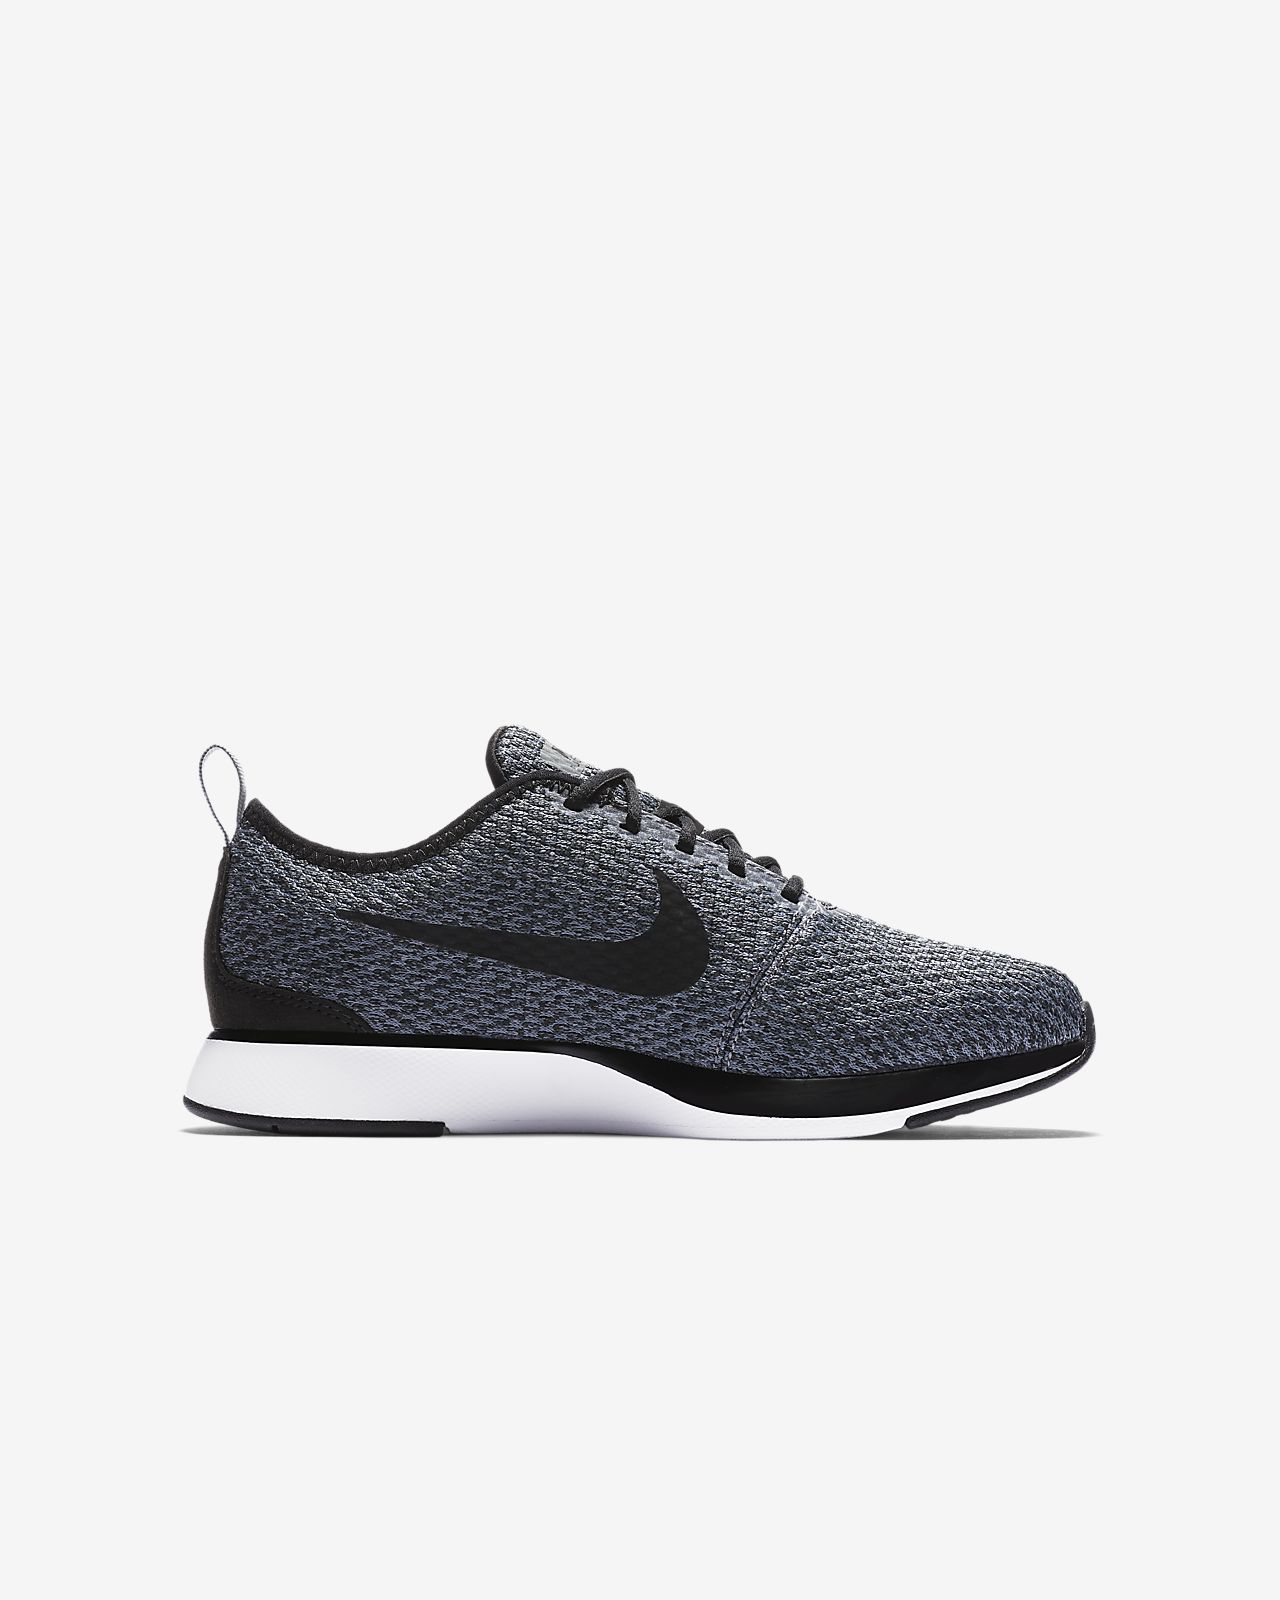 ... Nike Dualtone Racer SE Schuh für ältere Kinder